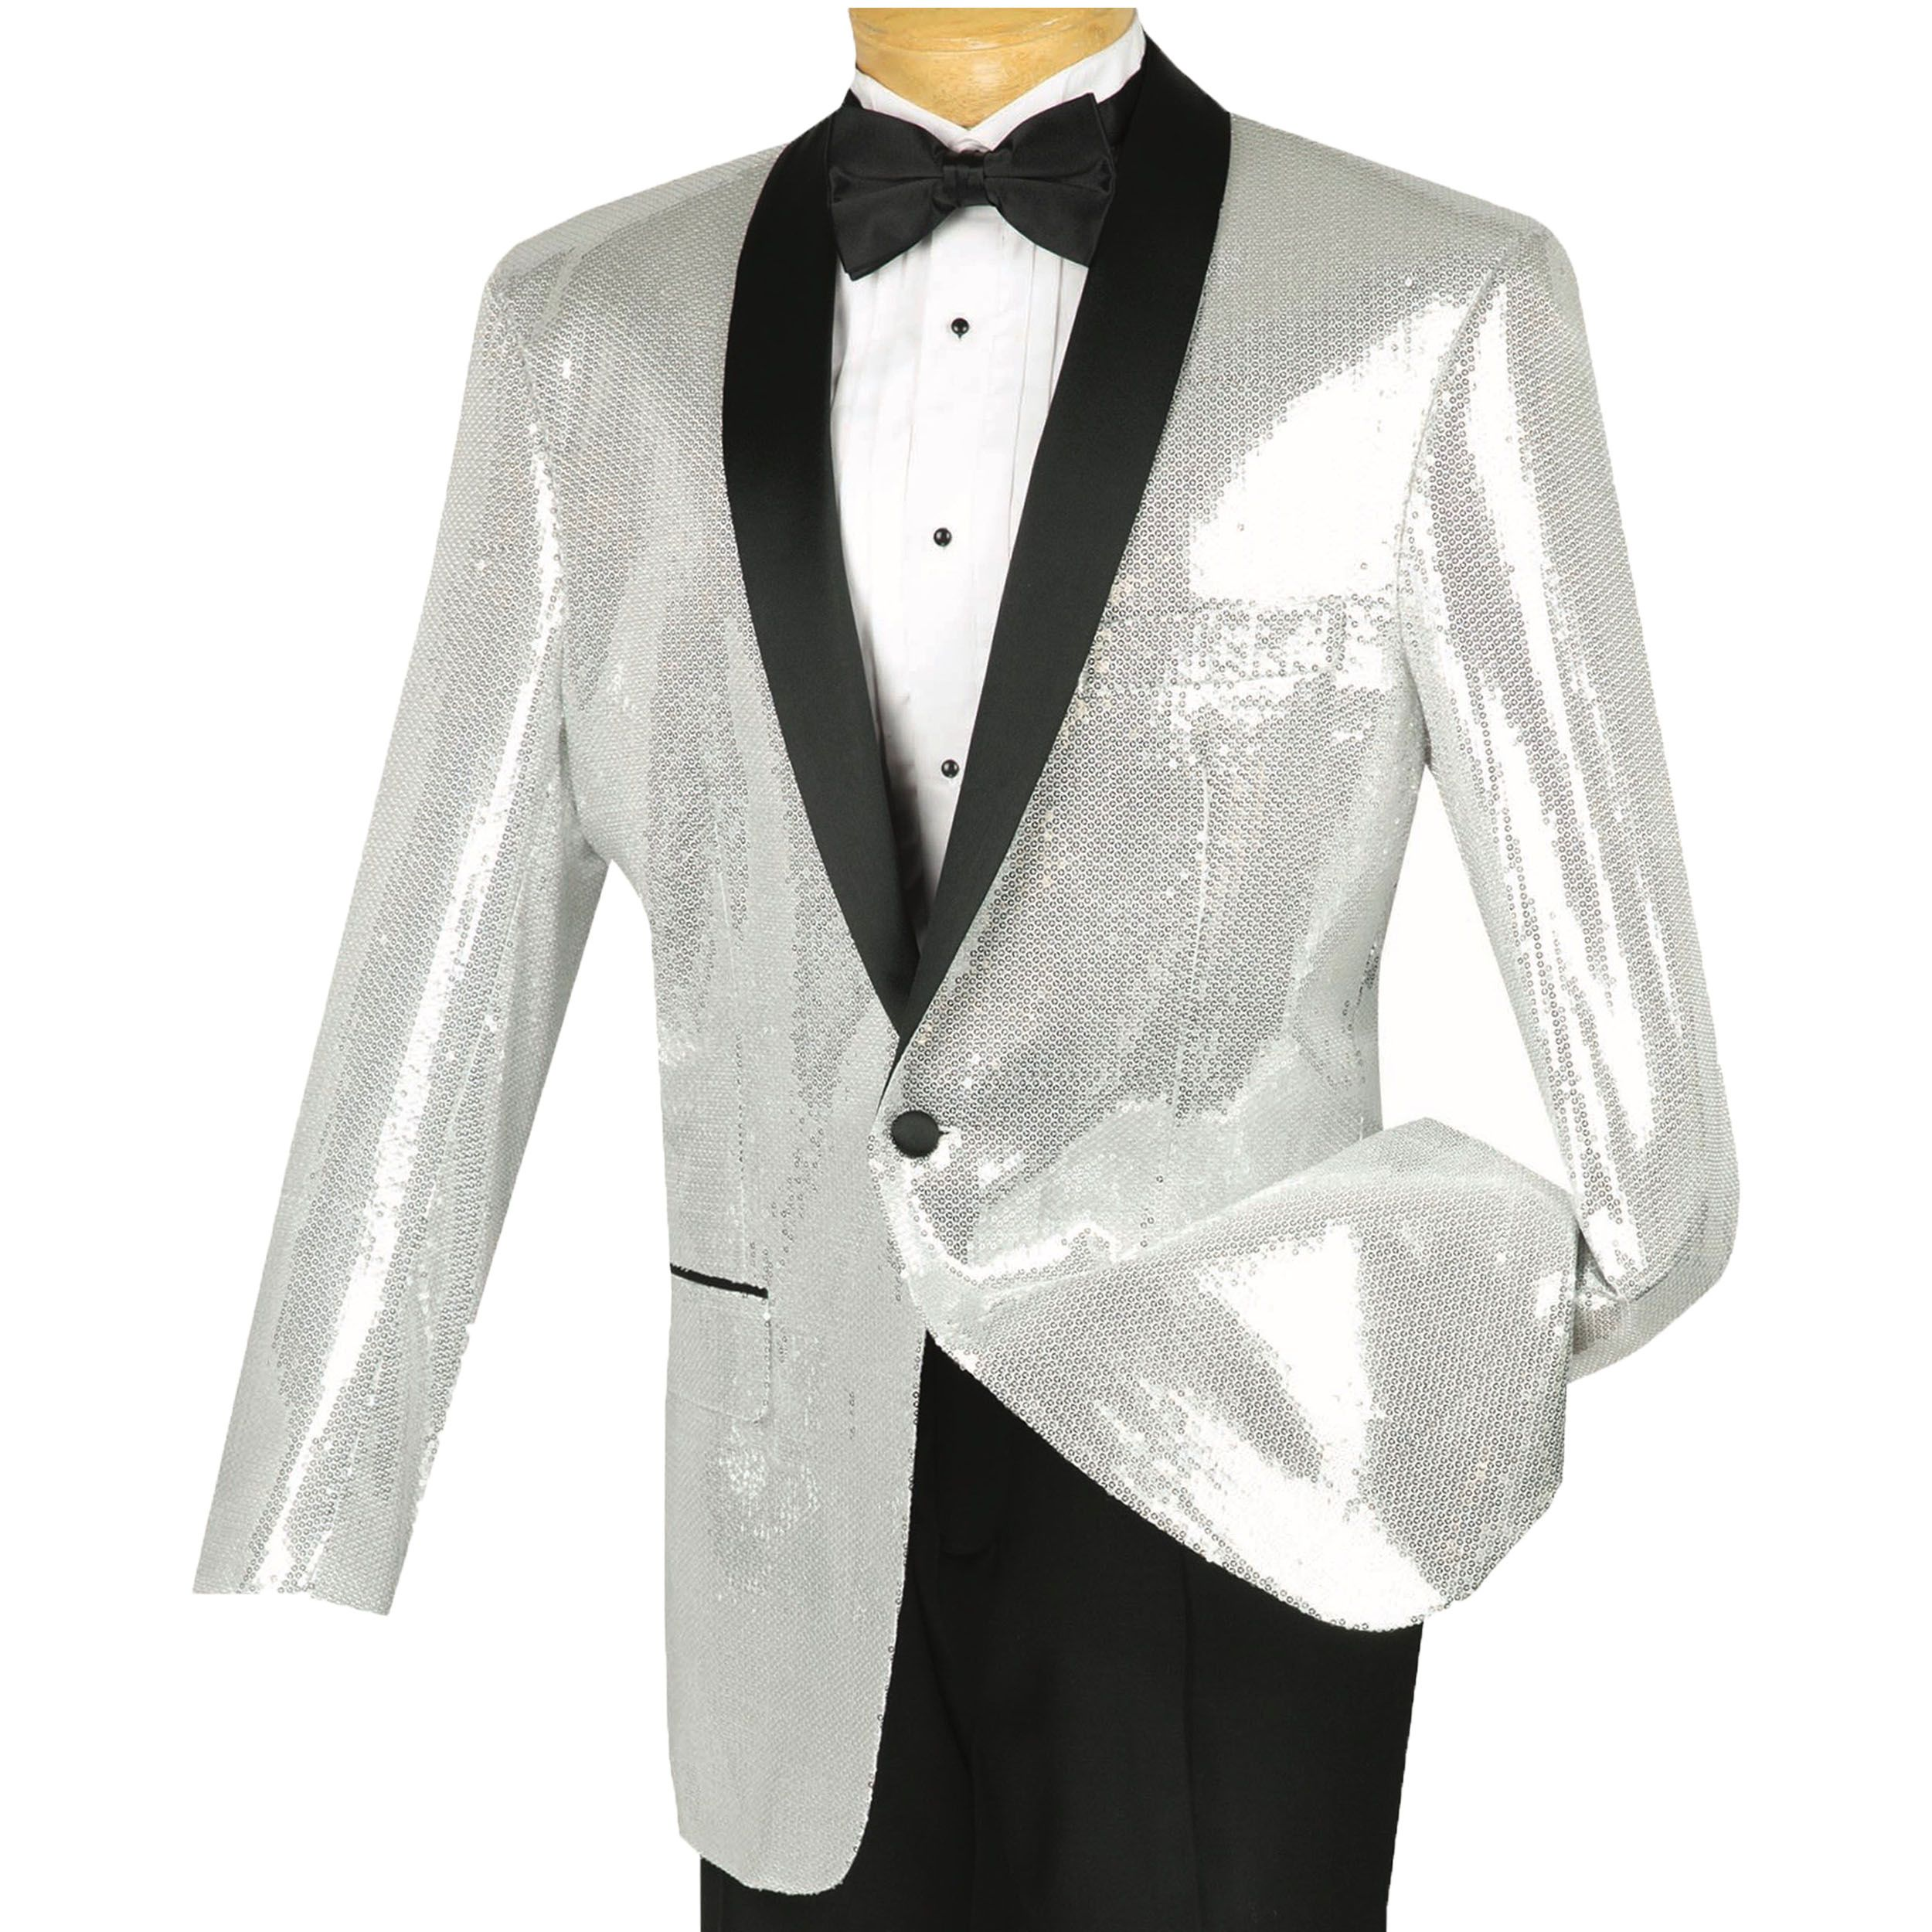 VINCI Men/'s Gold Sequins 1 Button Shawl Collar Sport Jacket Blazer NEW